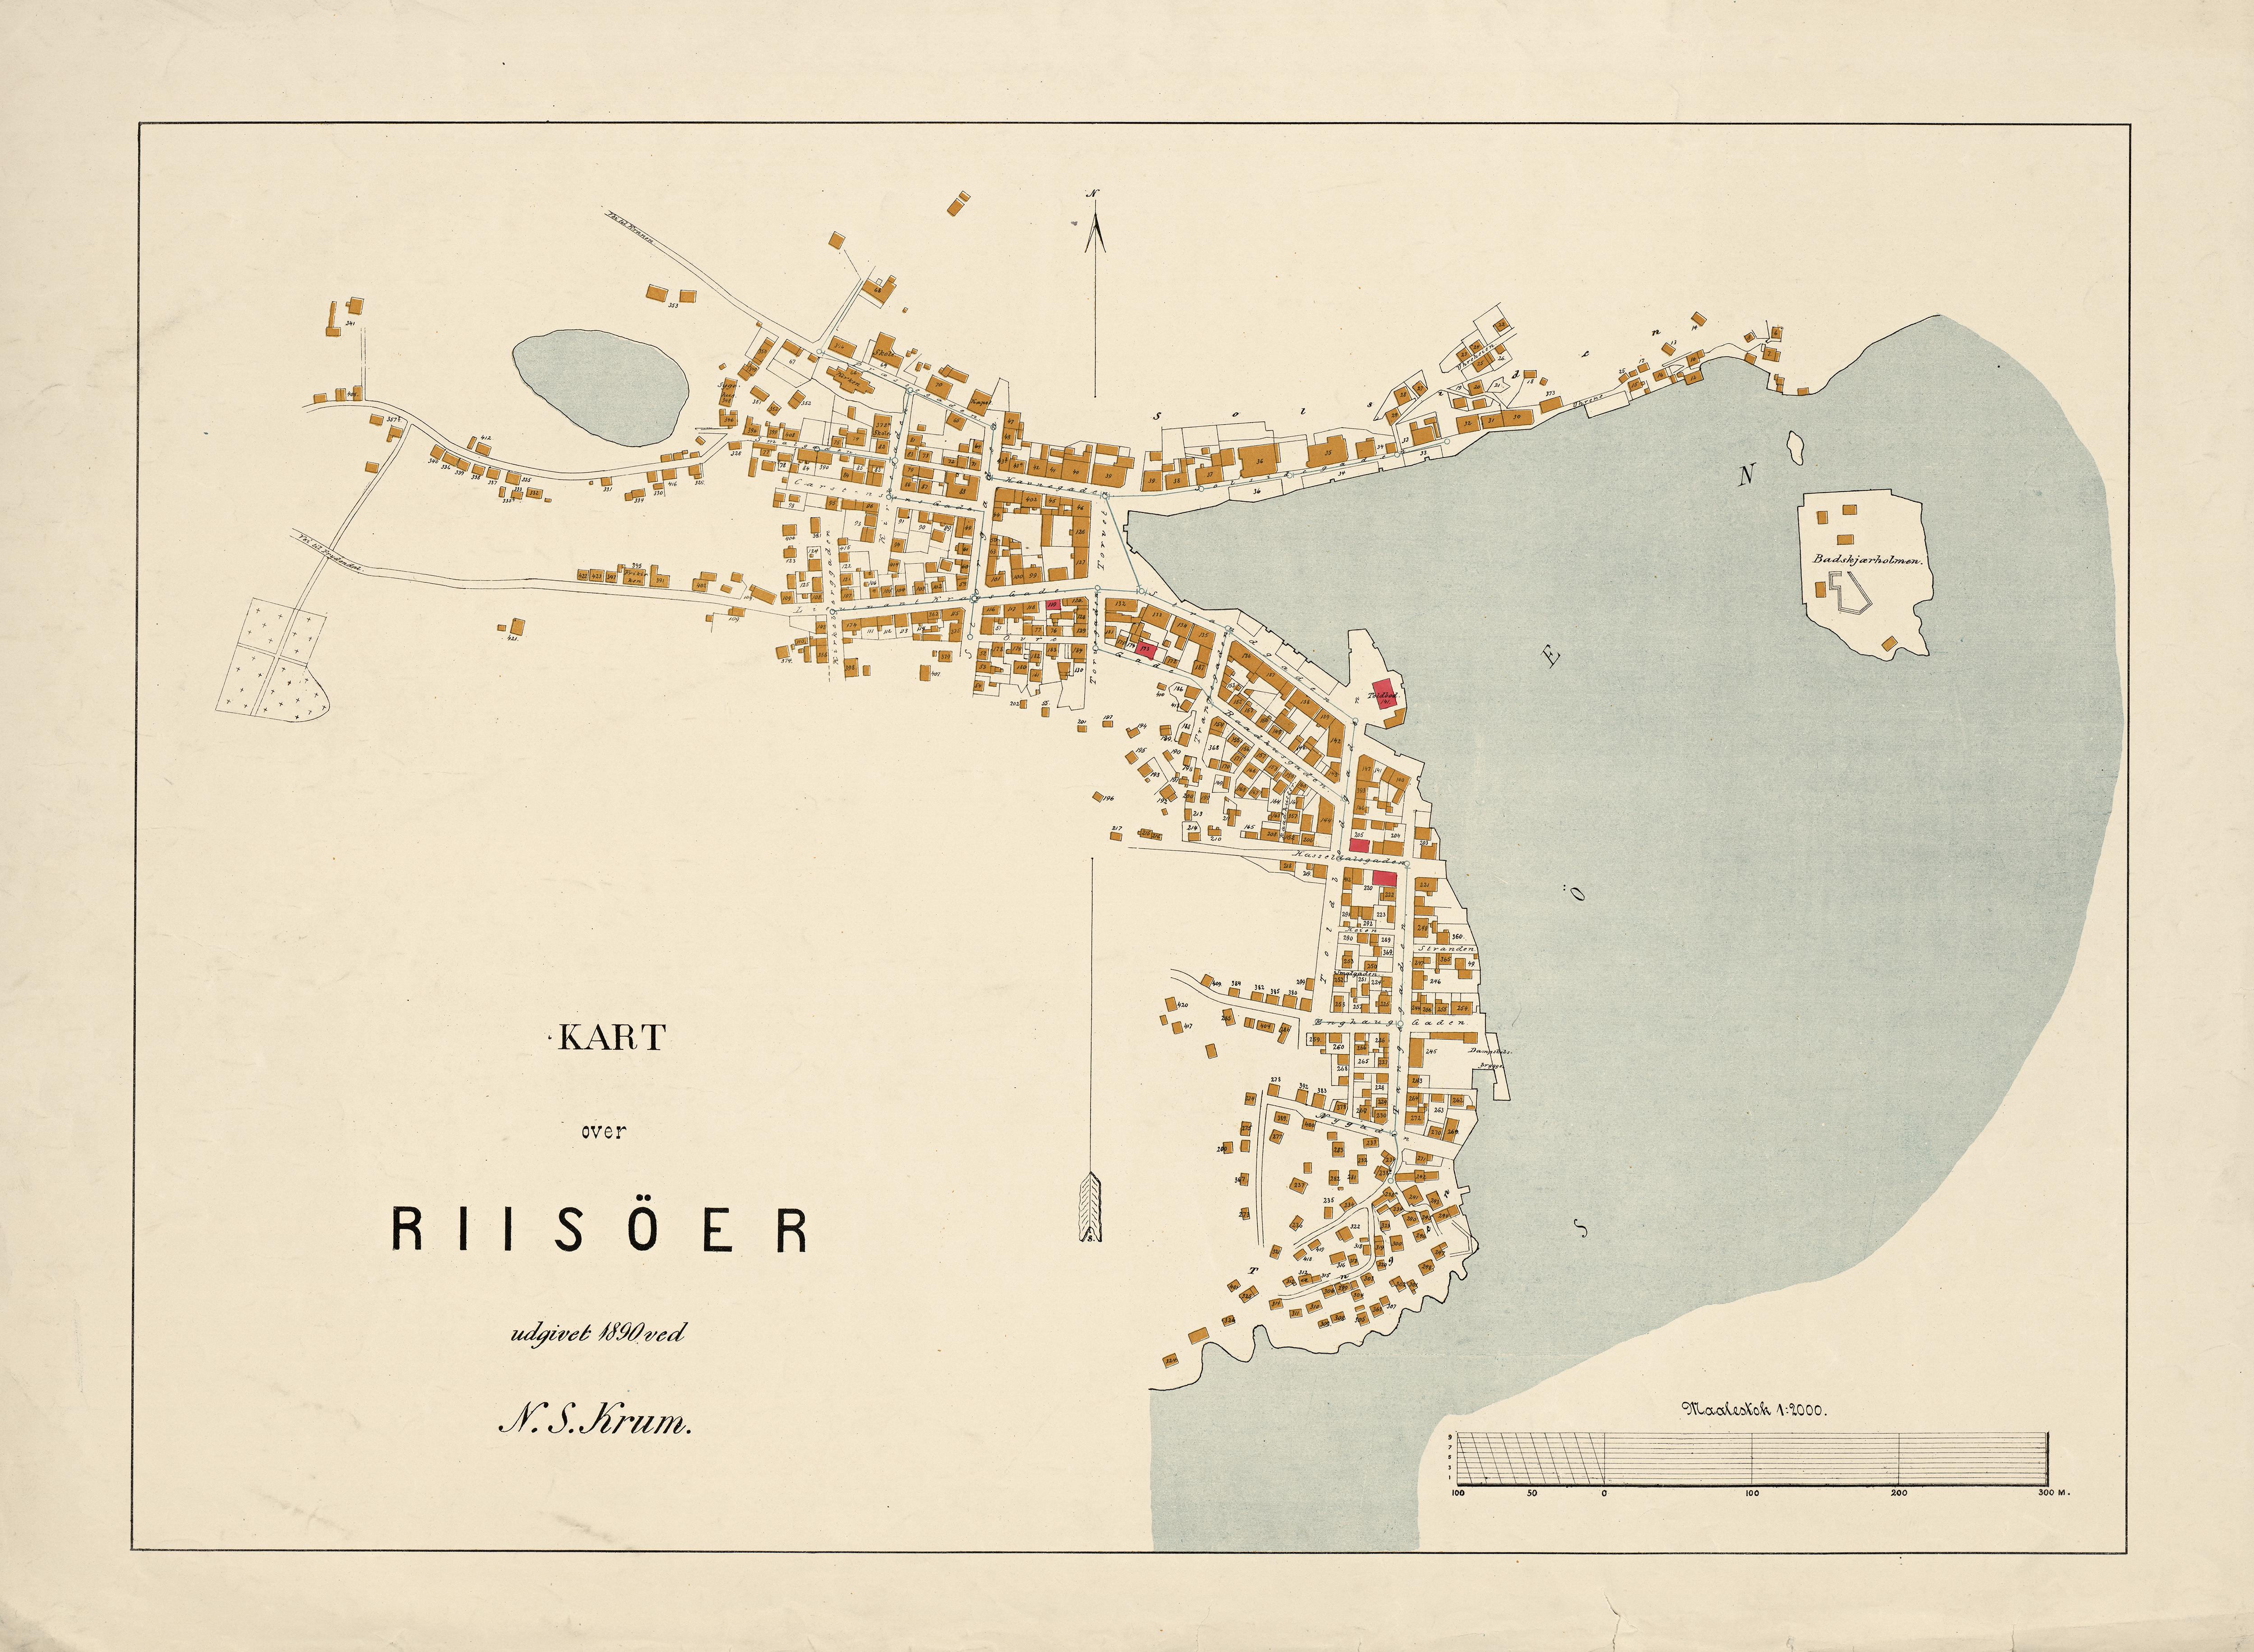 kart over risør File:Kart over Risør (1890).   Wikimedia Commons kart over risør